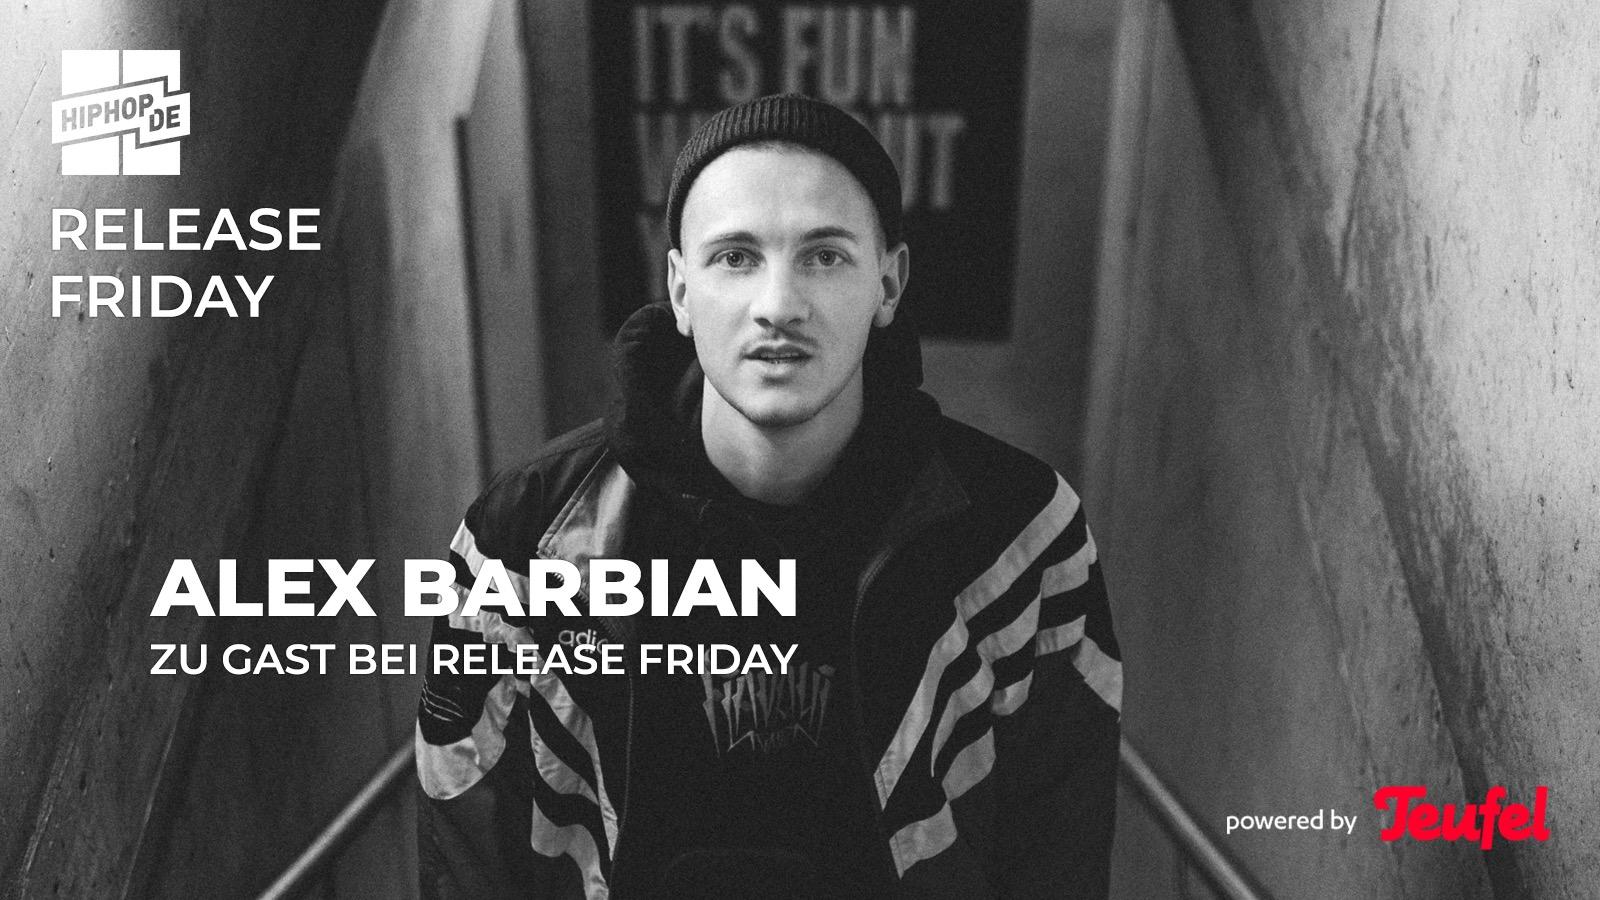 Release Friday powered by Teufel mit Alex Barbian über Olexesh, Genetikk, Hafti und mehr